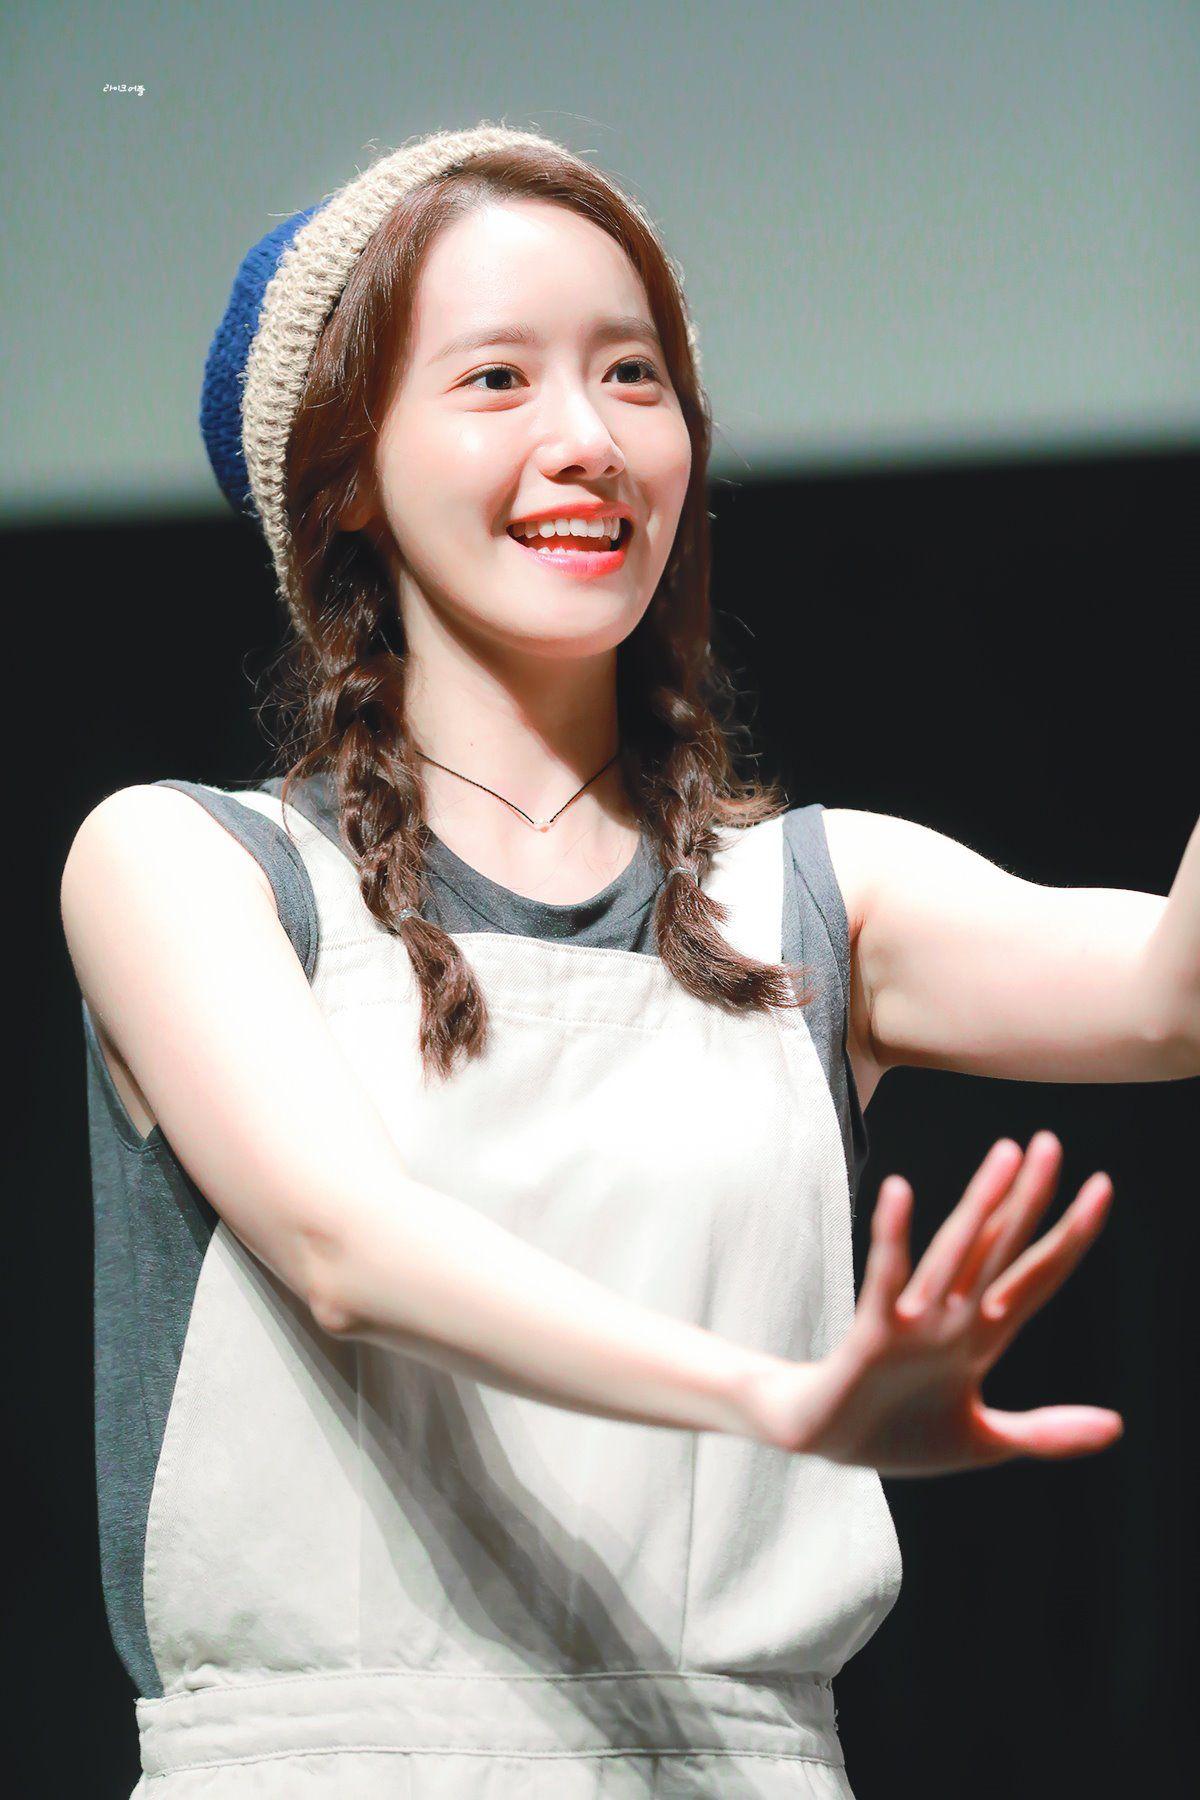 ボード「SNSD-Yoona」のピン